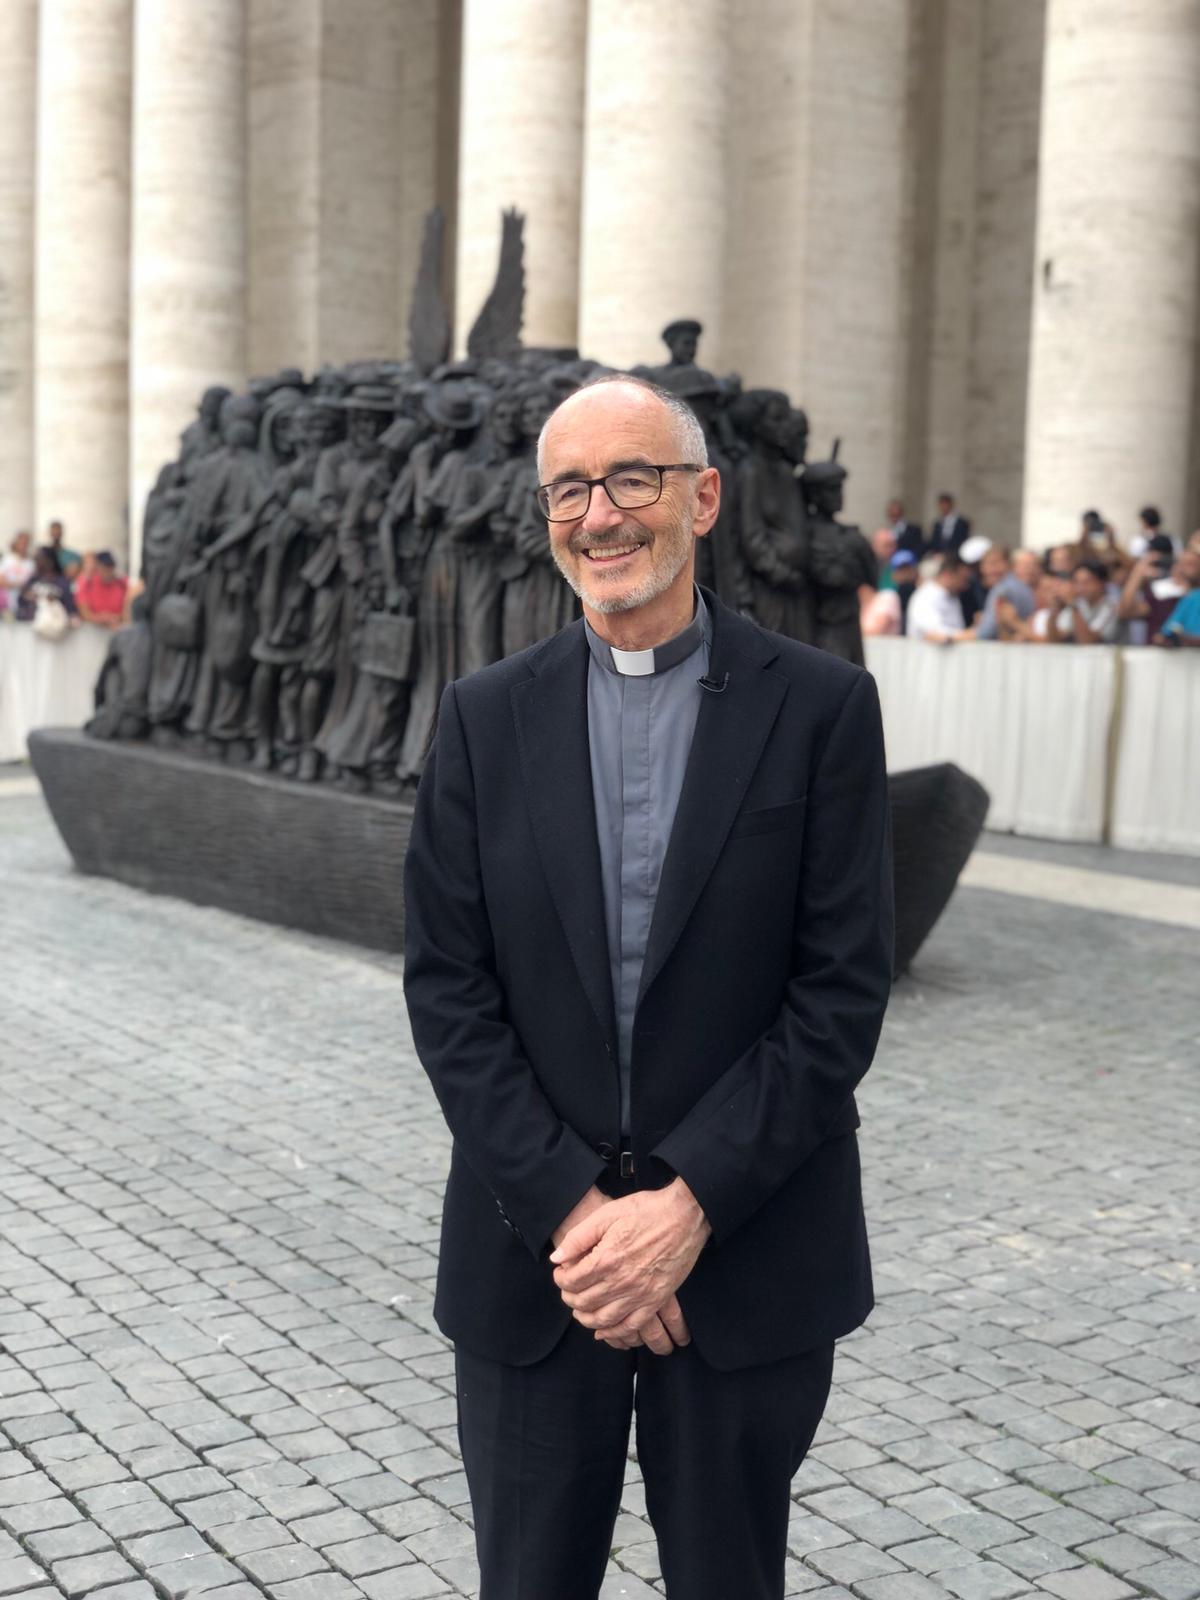 """Cardinal Czerny: """"L'Amazonie peut aider au renouveau de l'Église"""""""